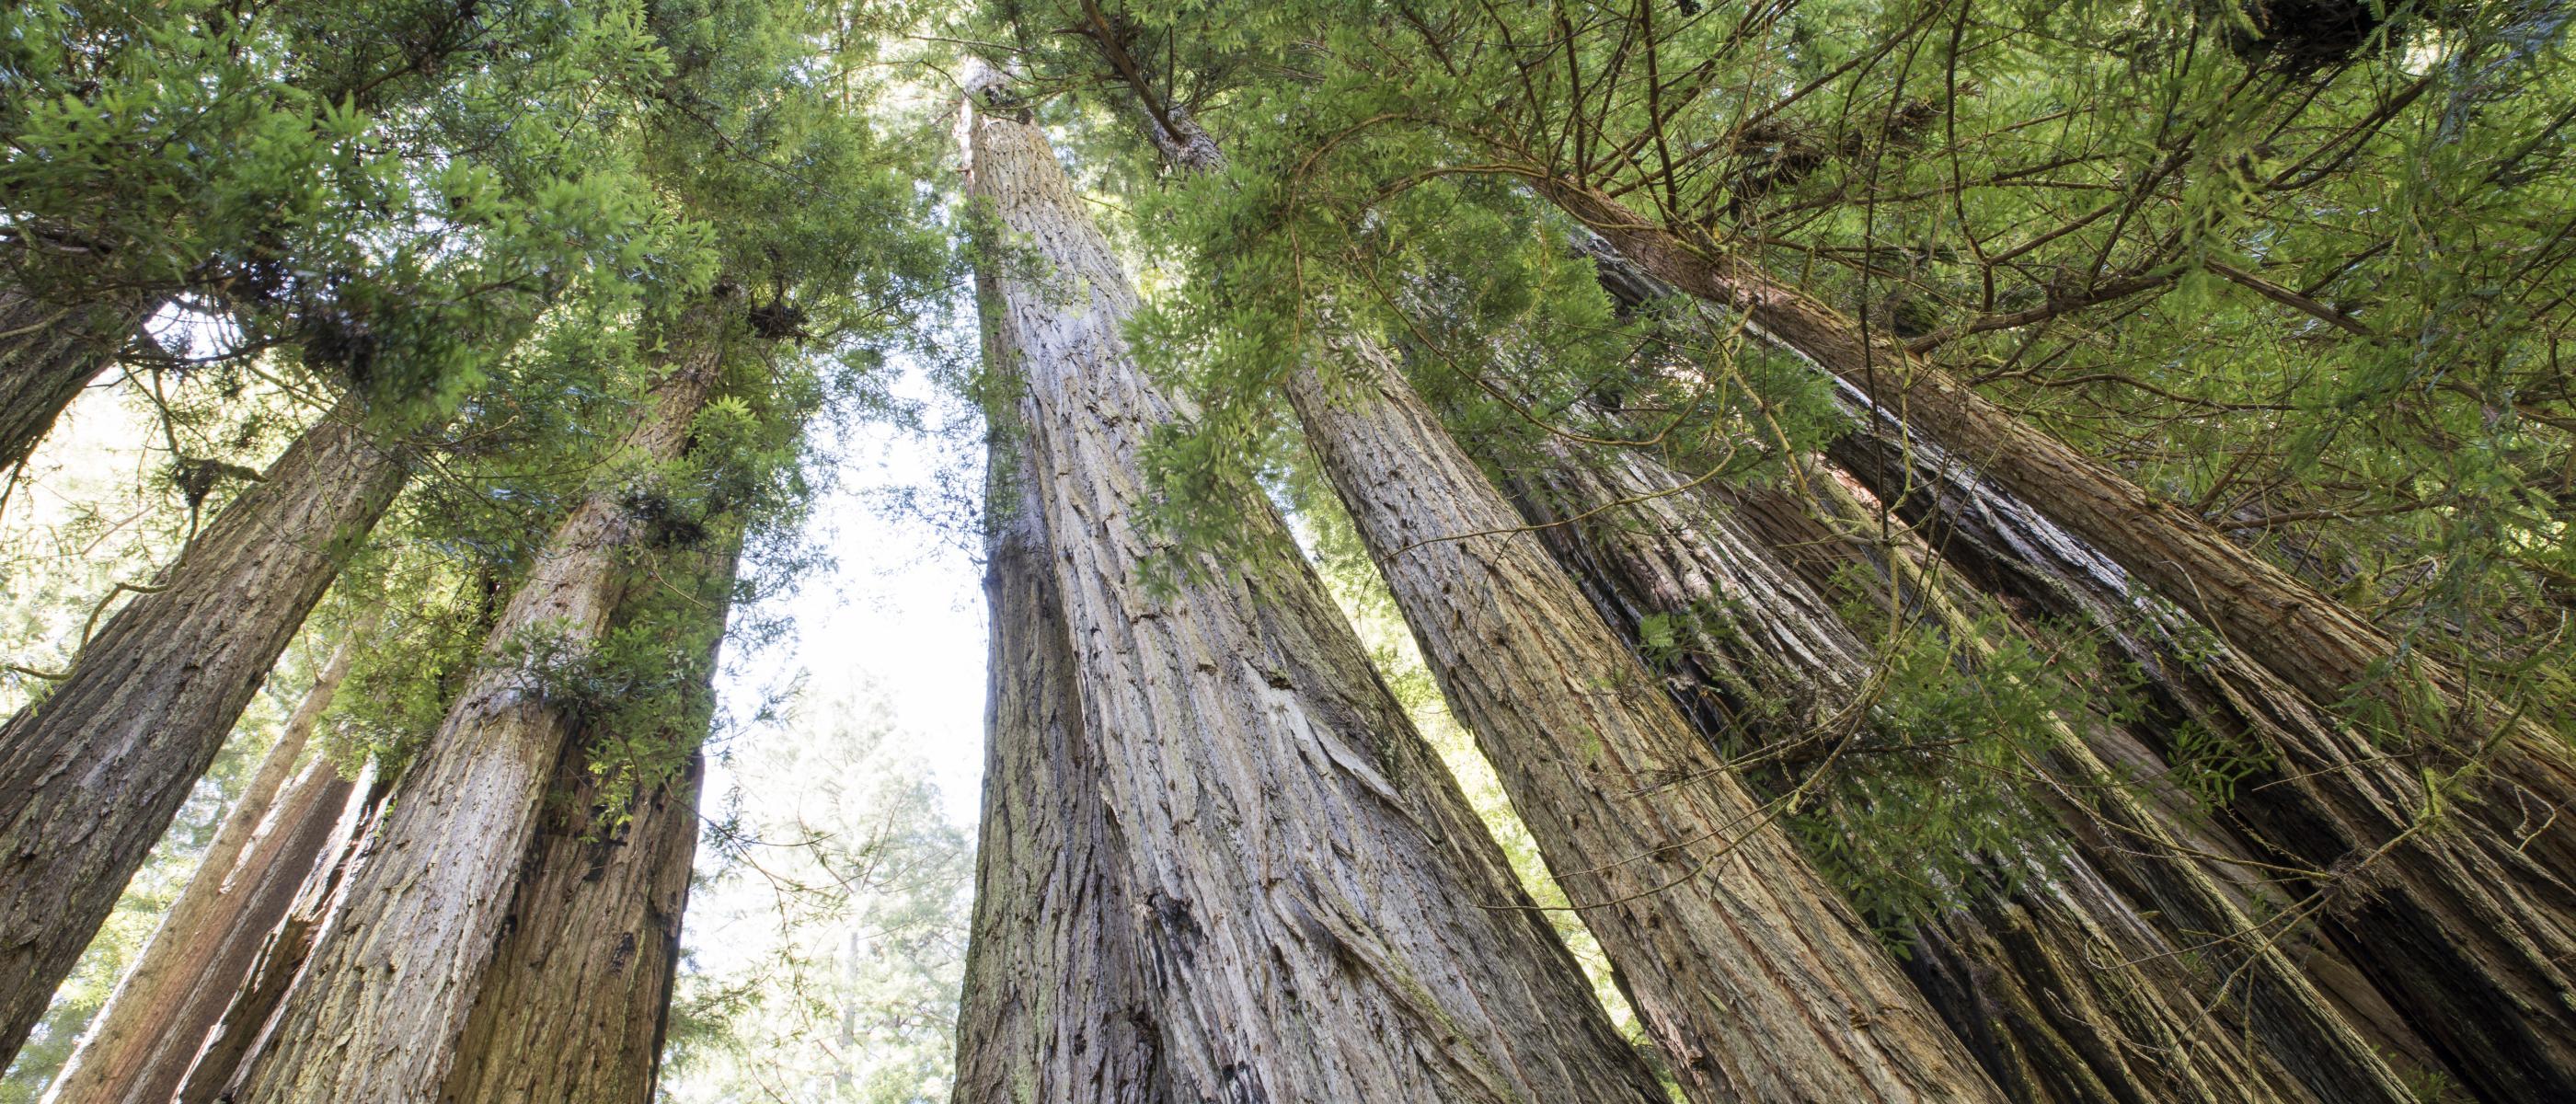 Redwood trees in Prairie Creek State Park